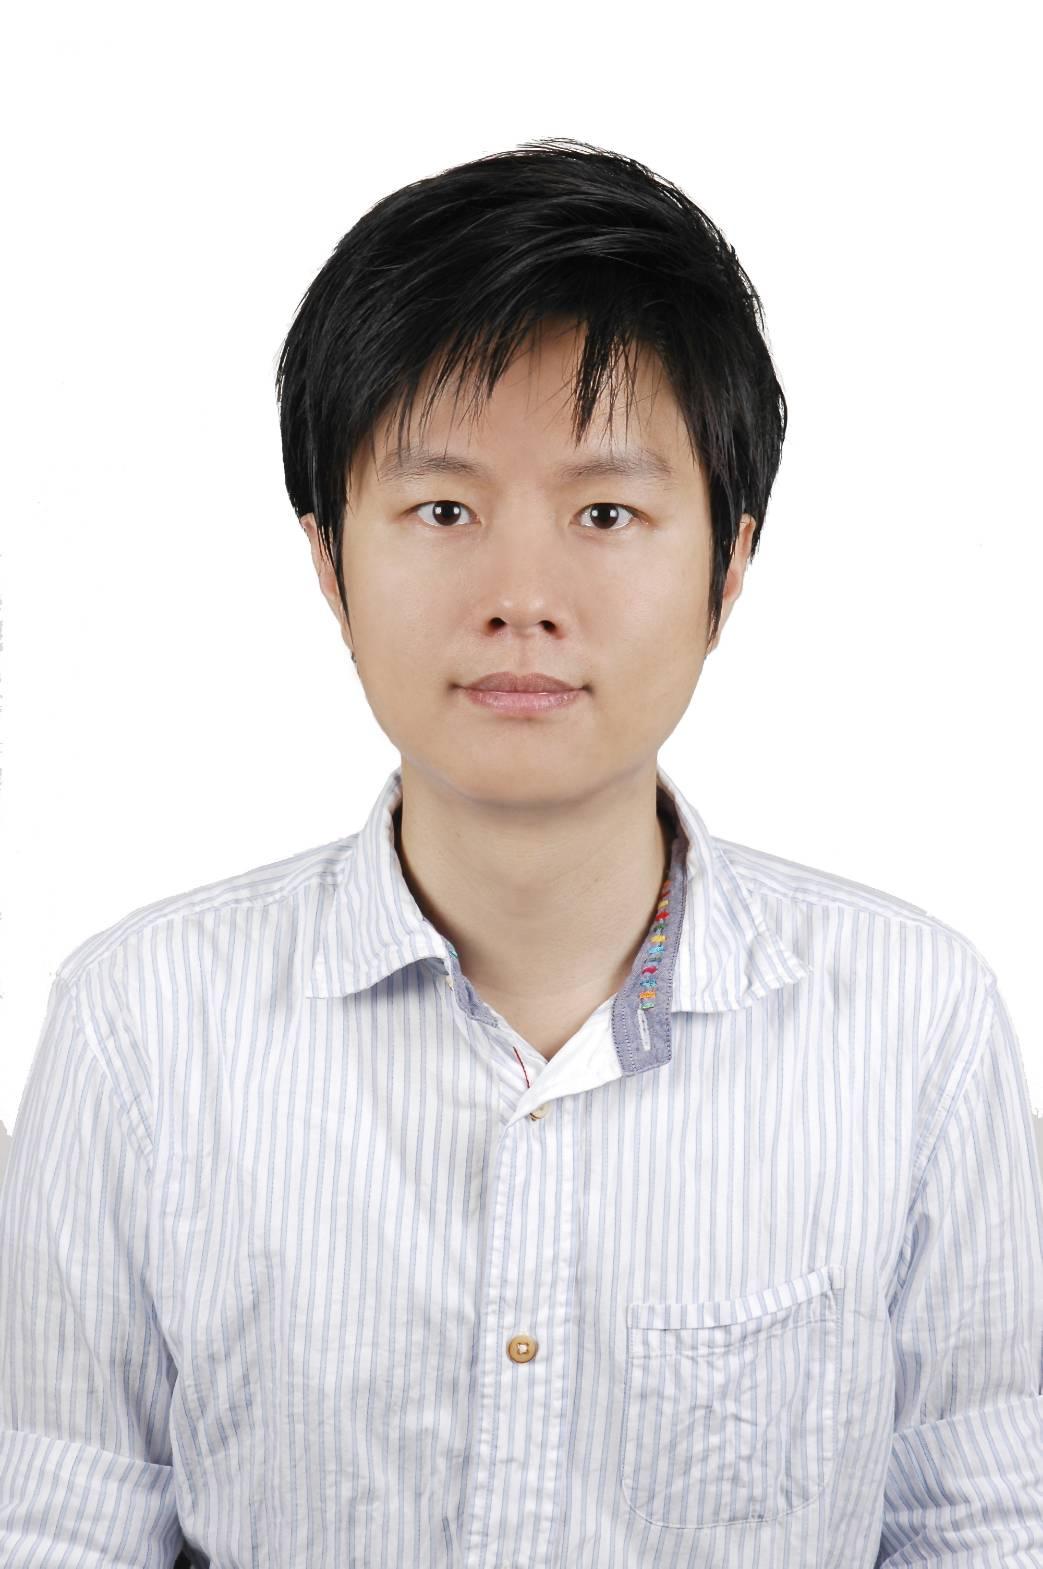 法律團隊 - 吉訟法律 ⨯ 永昌地政・聯合事務所